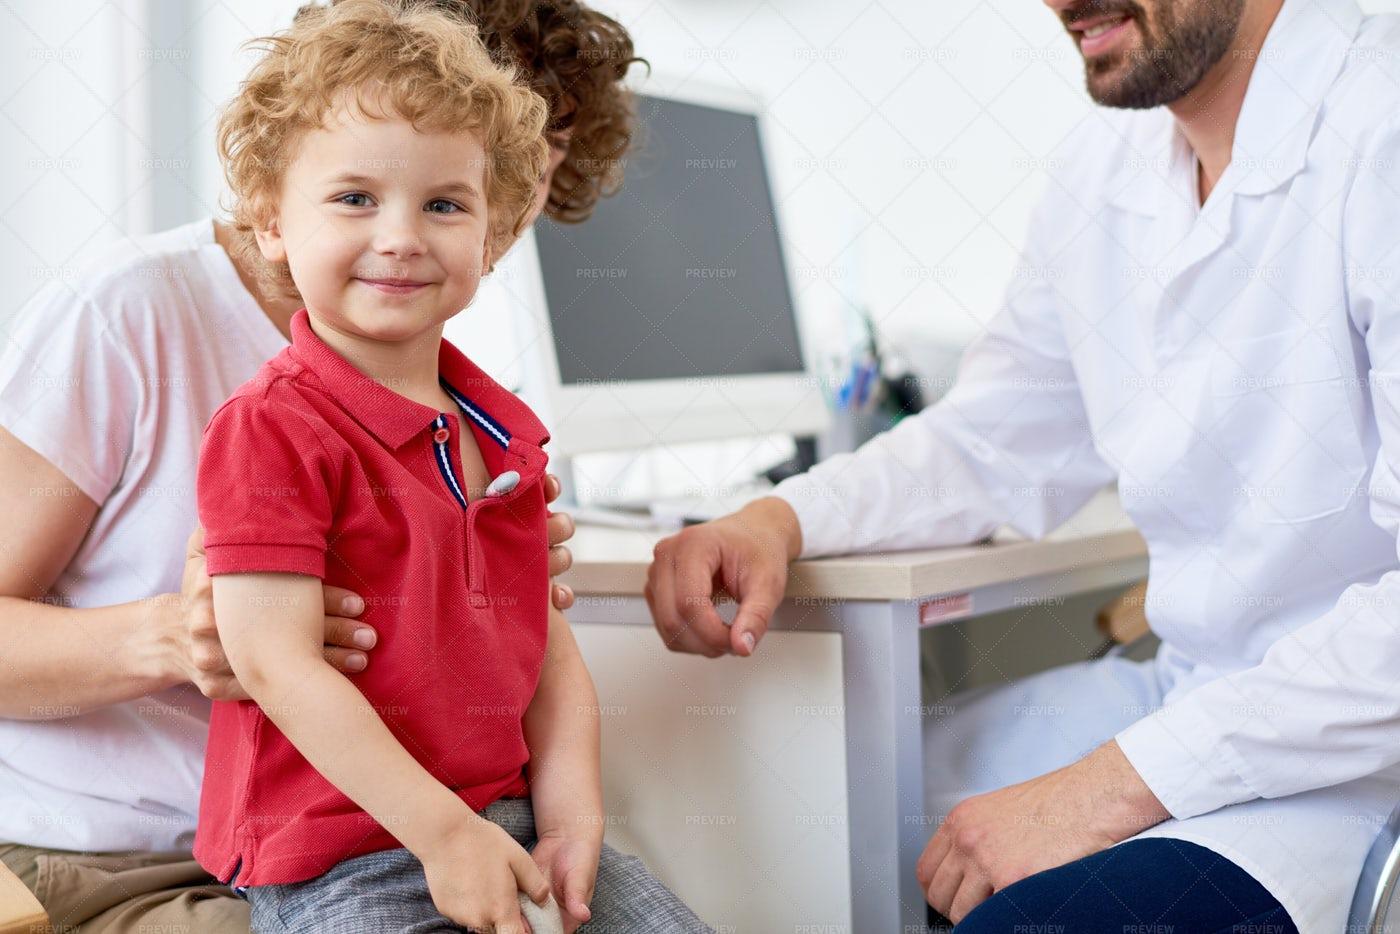 Smiling Toddler Measuring...: Stock Photos